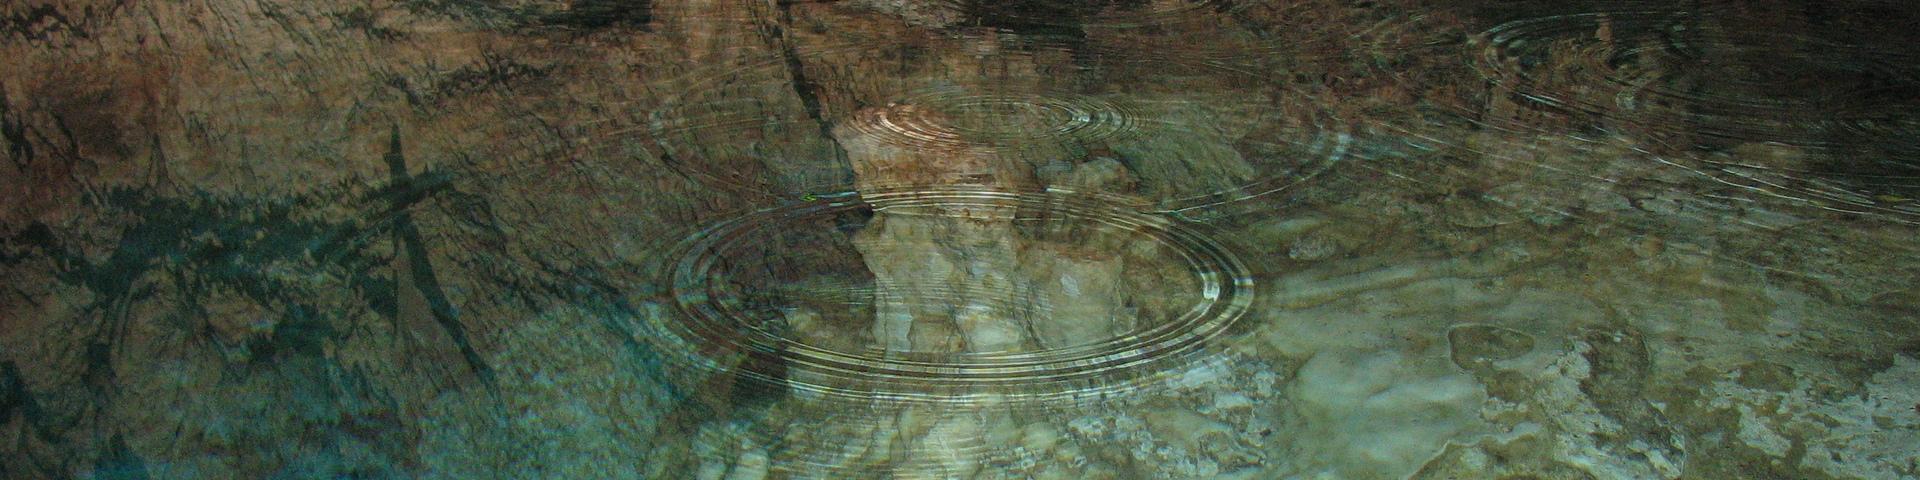 Vue d'un aquifère karstique, République Dominicaine